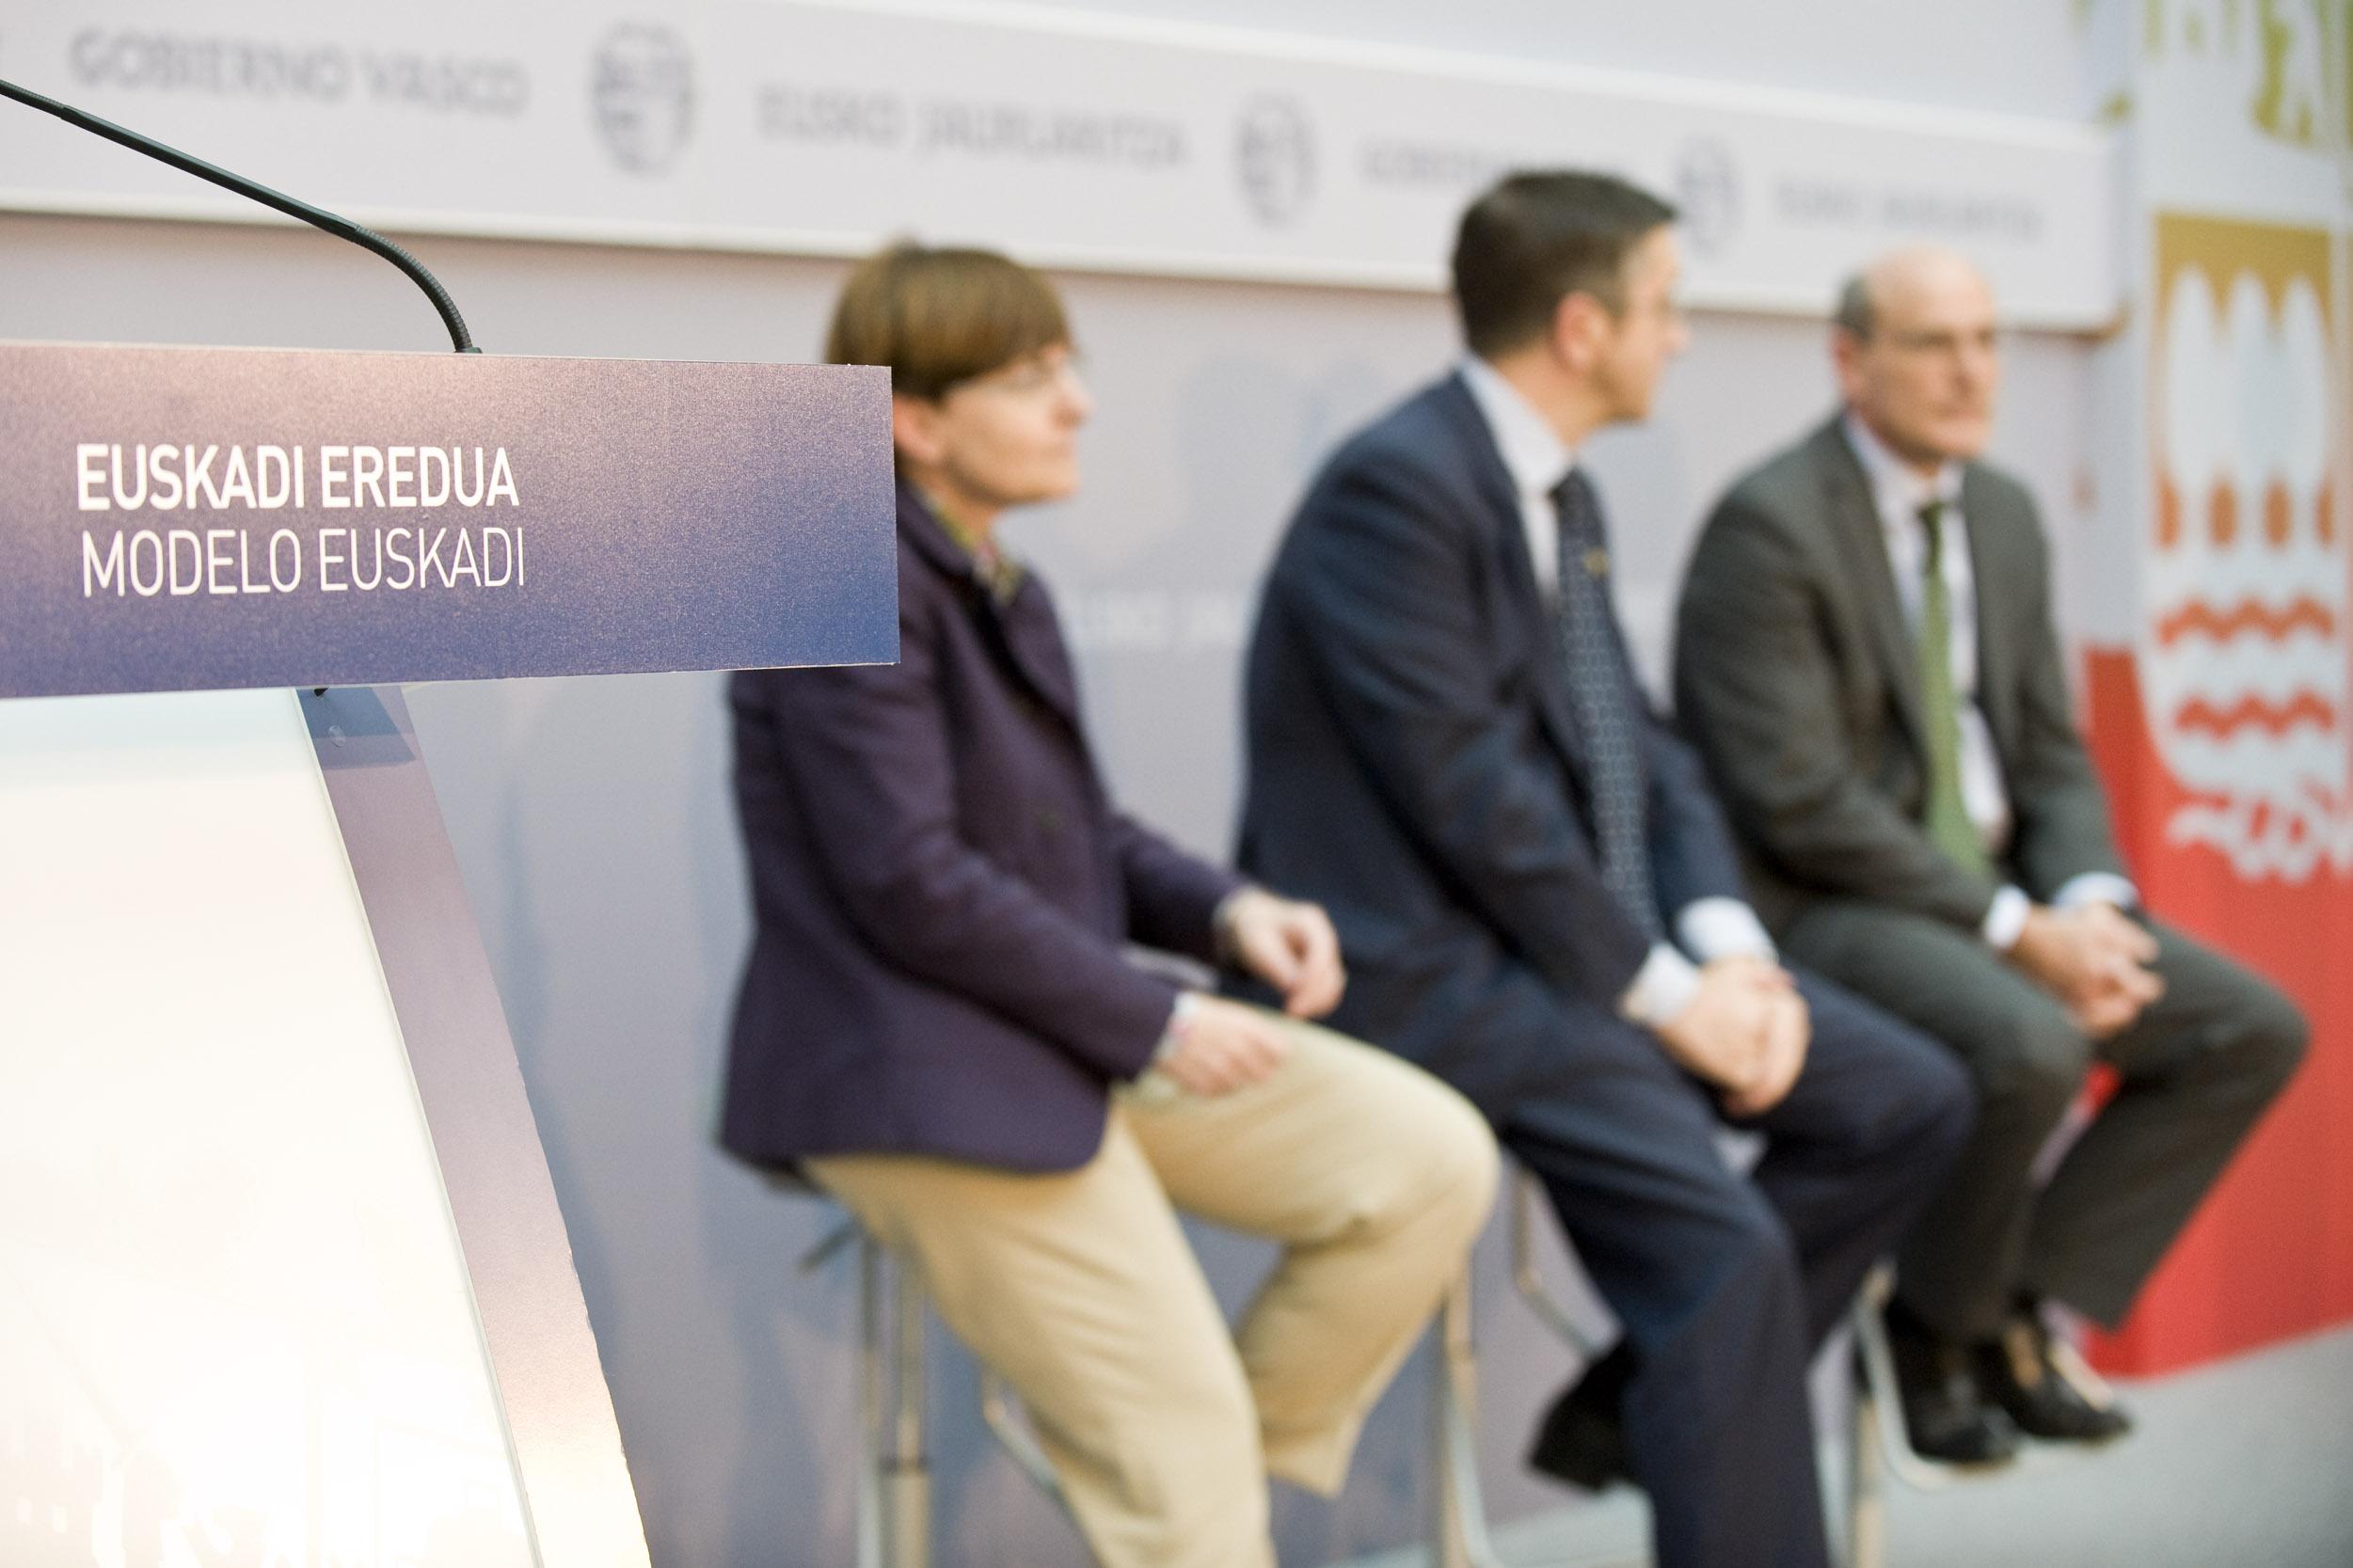 2012_05_21_lehen_debate_058.jpg